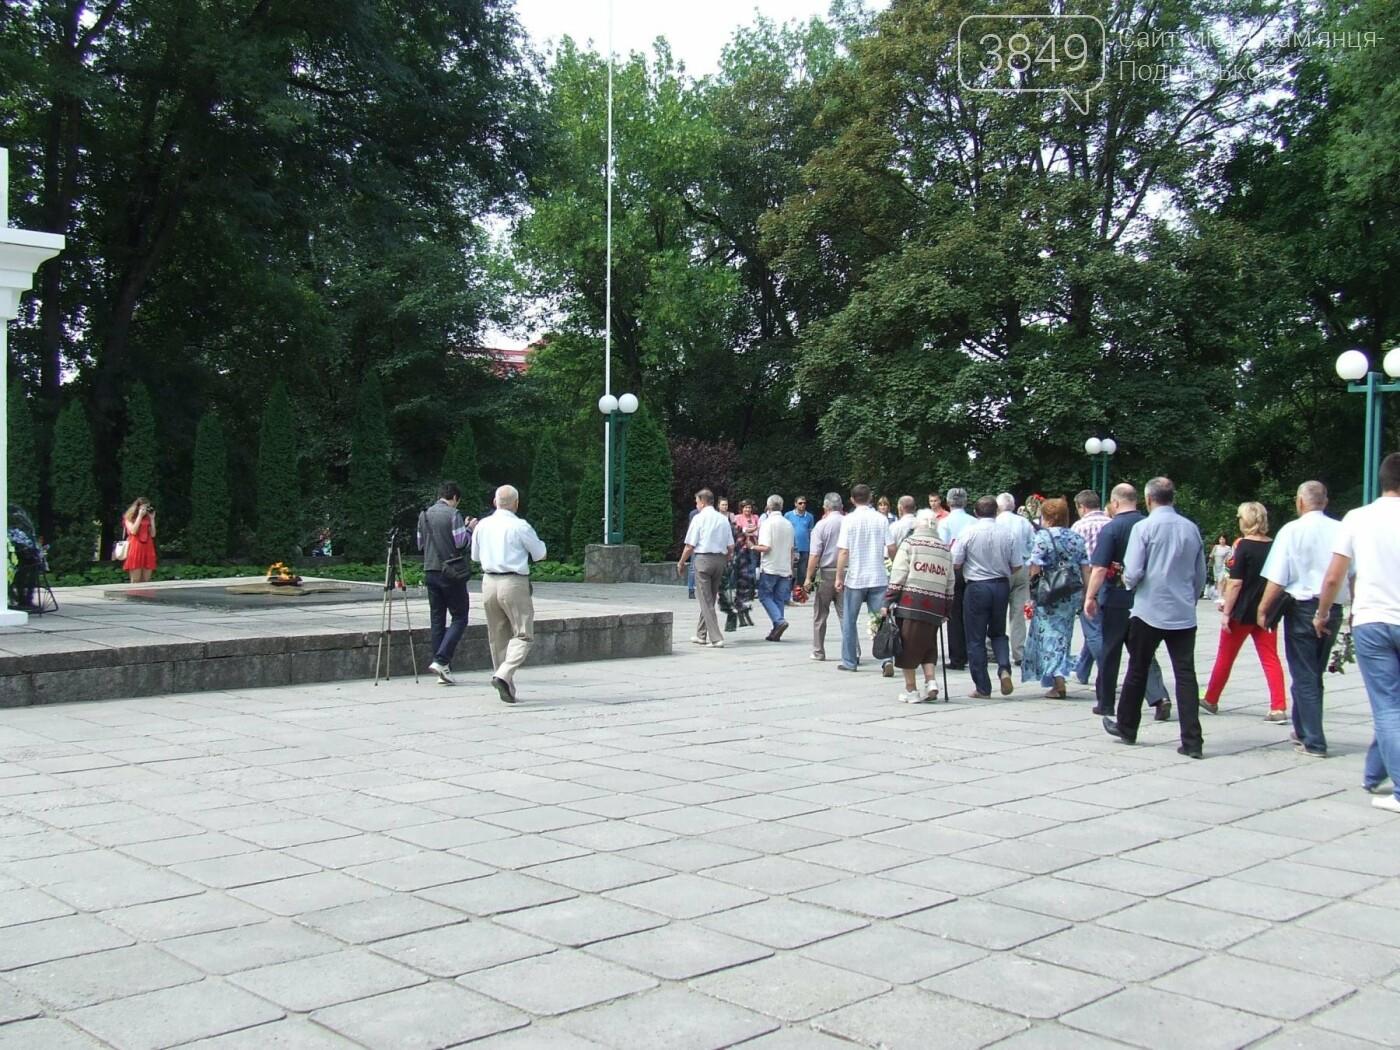 У Сквері танкістів вшанували пам'ять полеглих під час Другої світової війни, фото-4